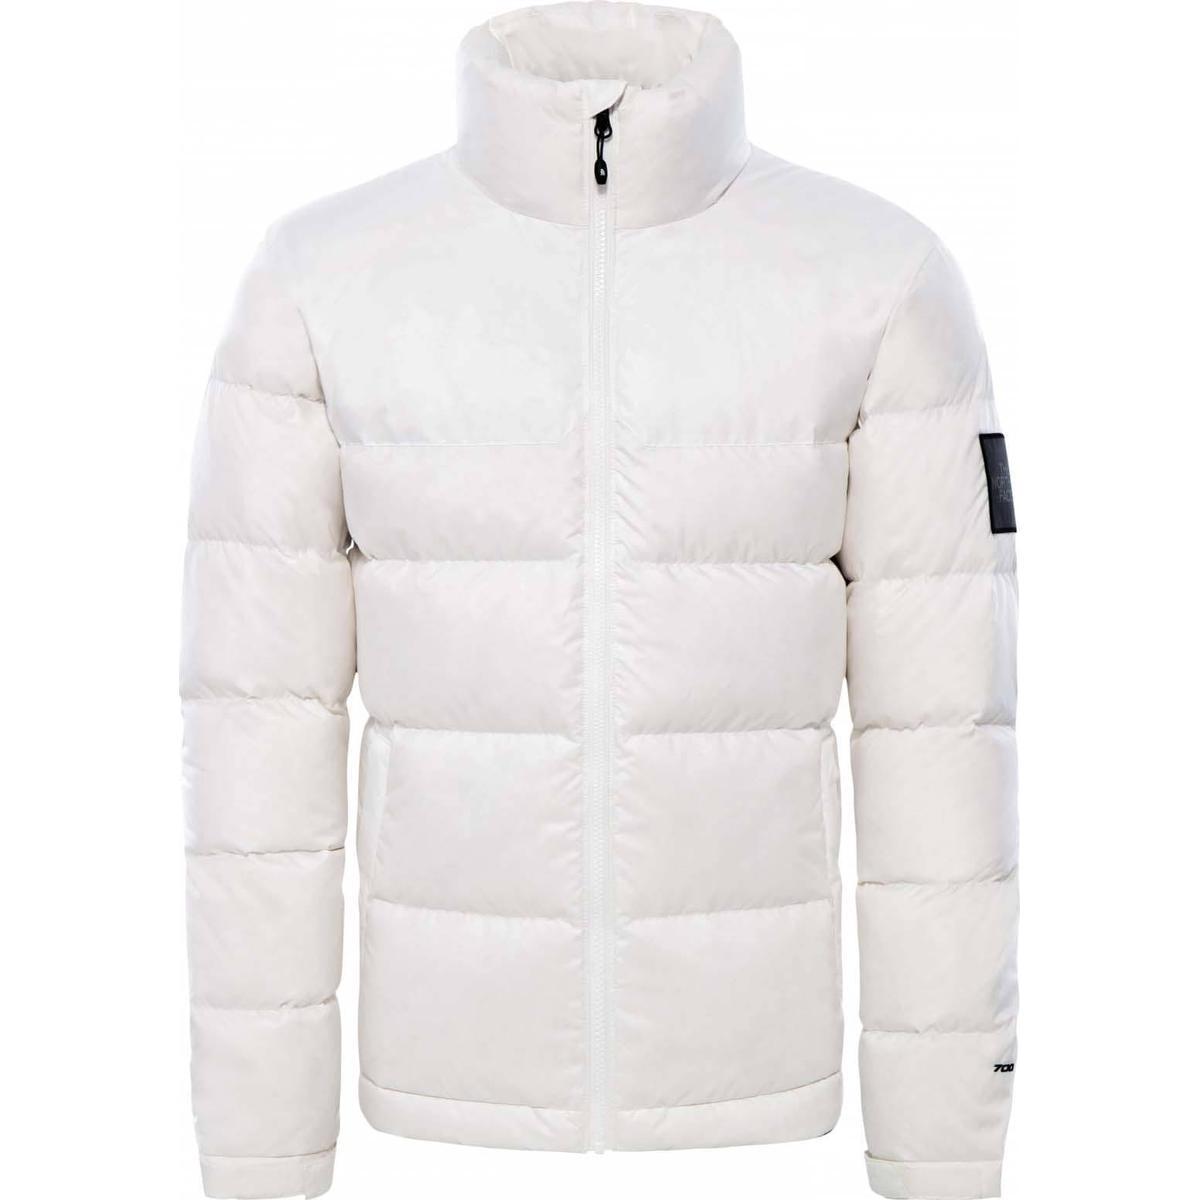 1992 nuptse jacket • Find den billigste pris hos PriceRunner